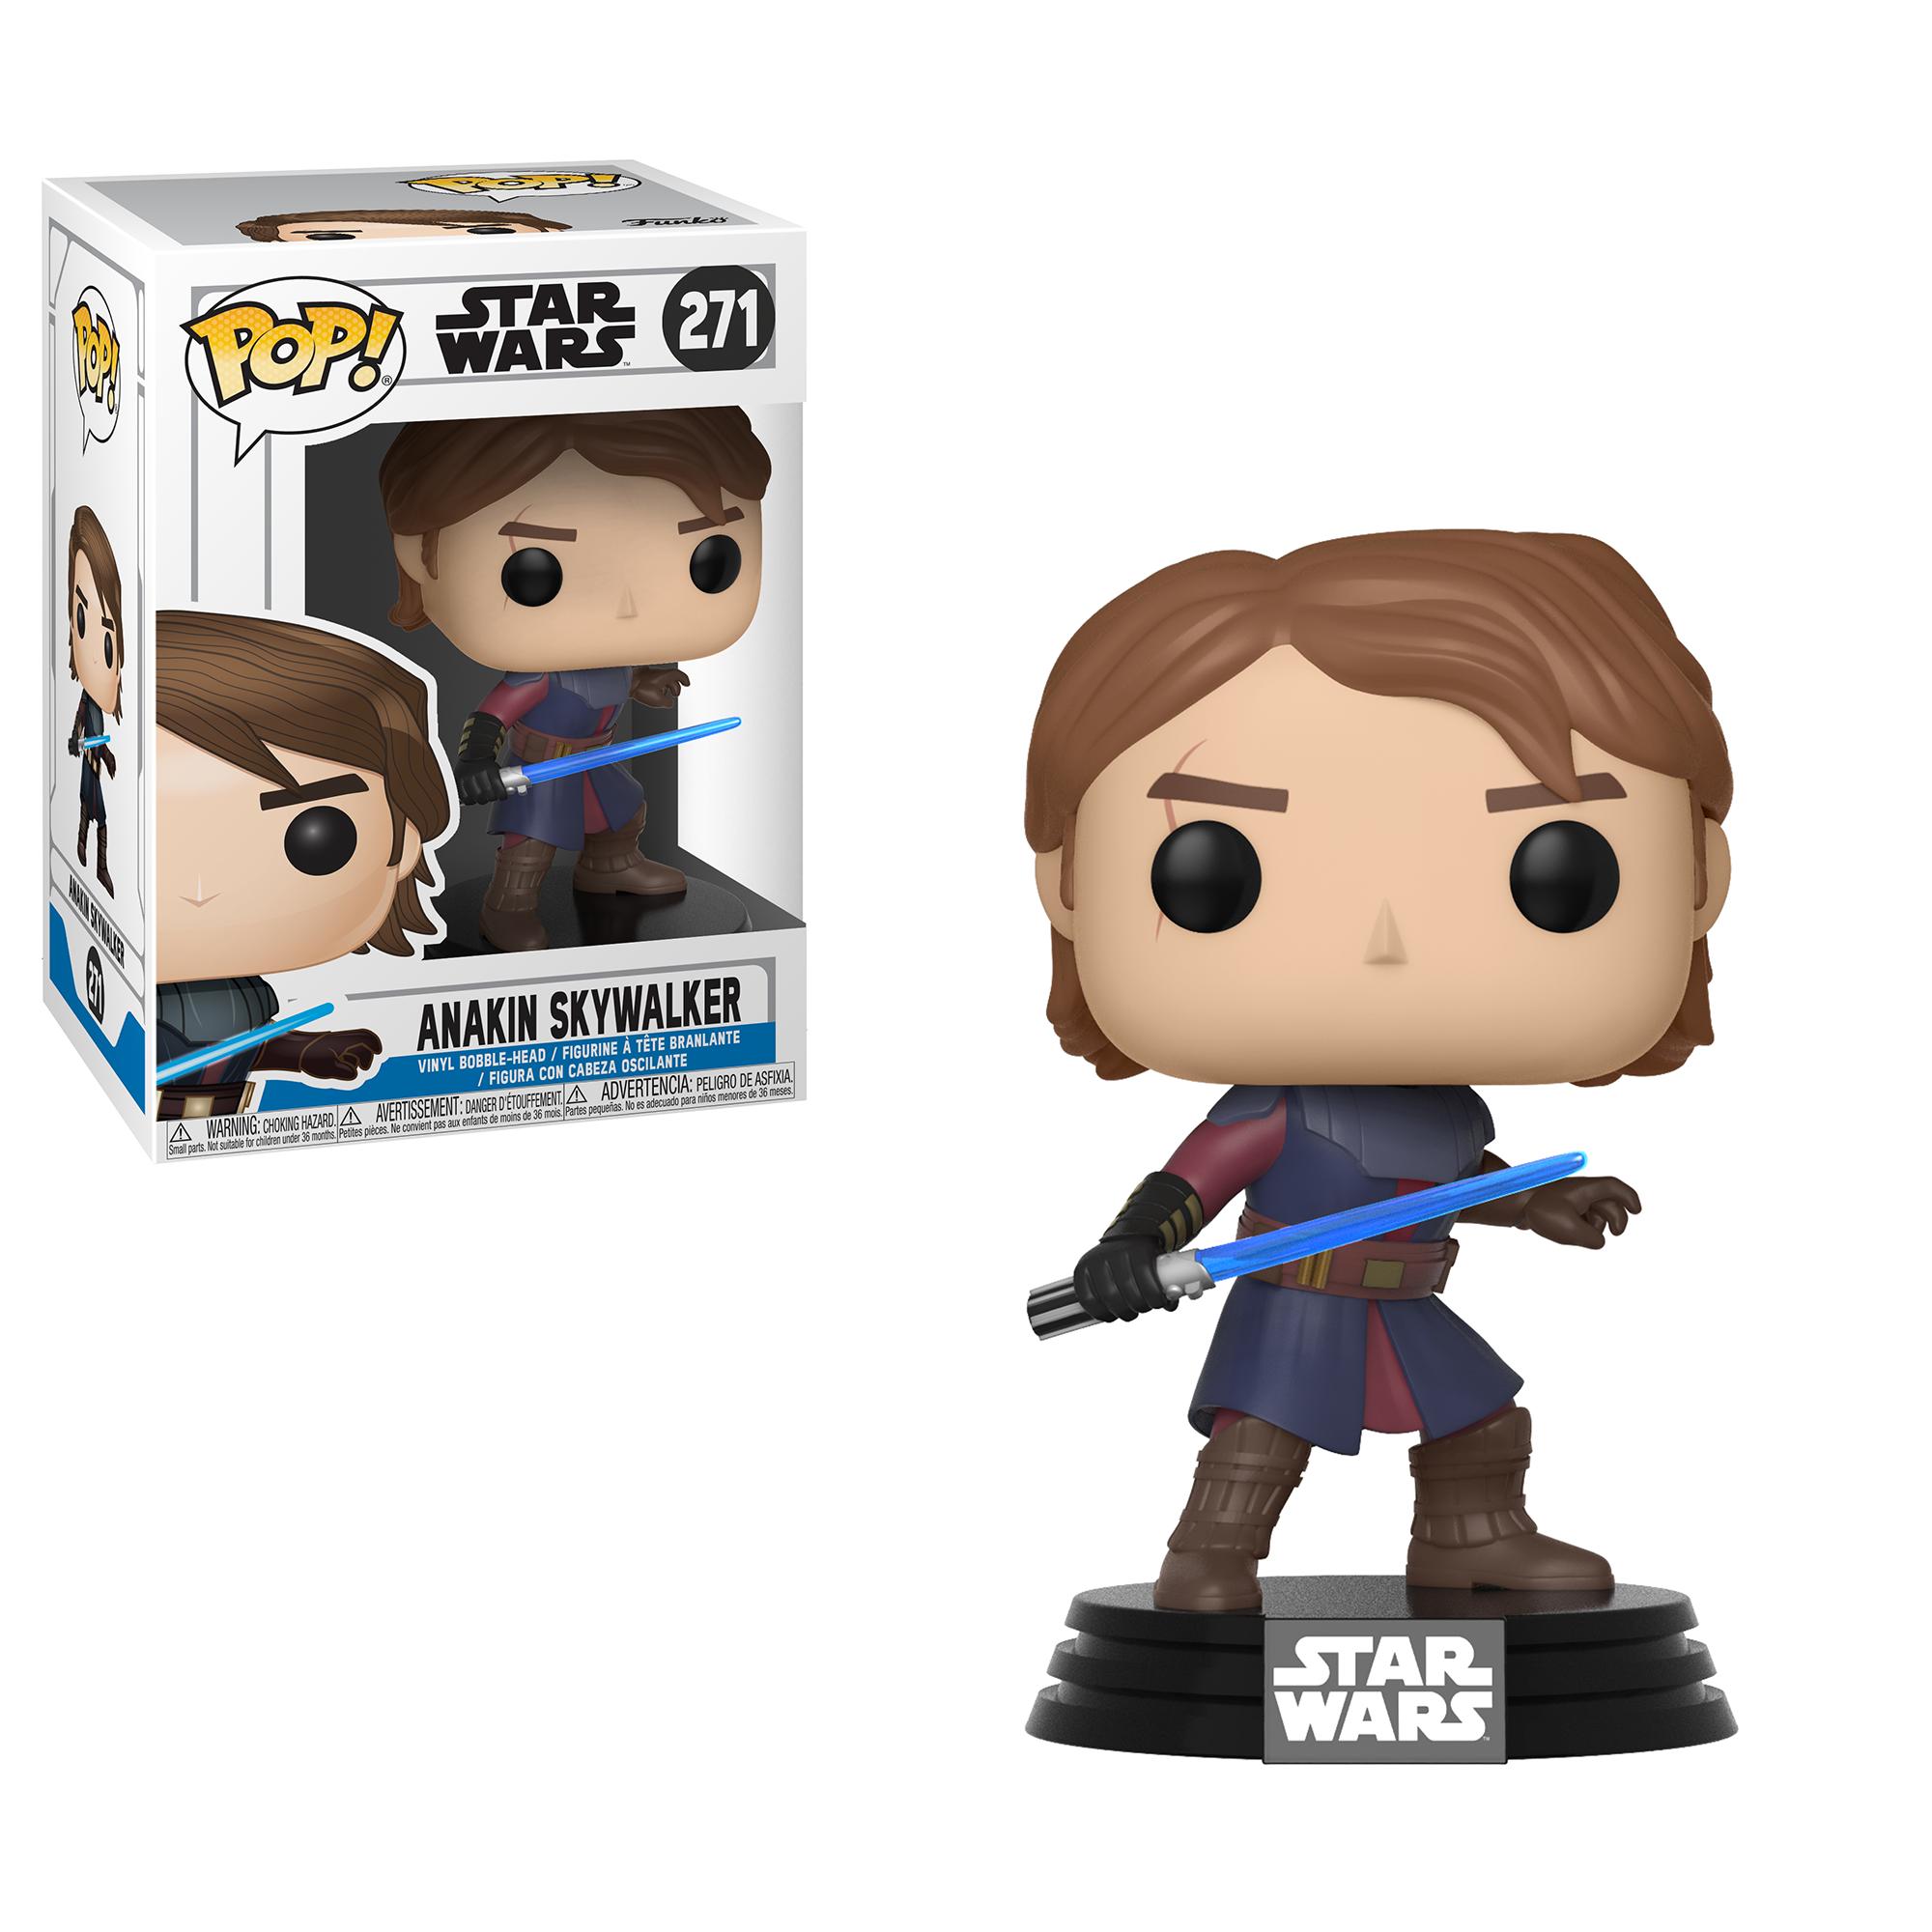 SWTCW FP Anakin Skywalker Bobble Head Toy